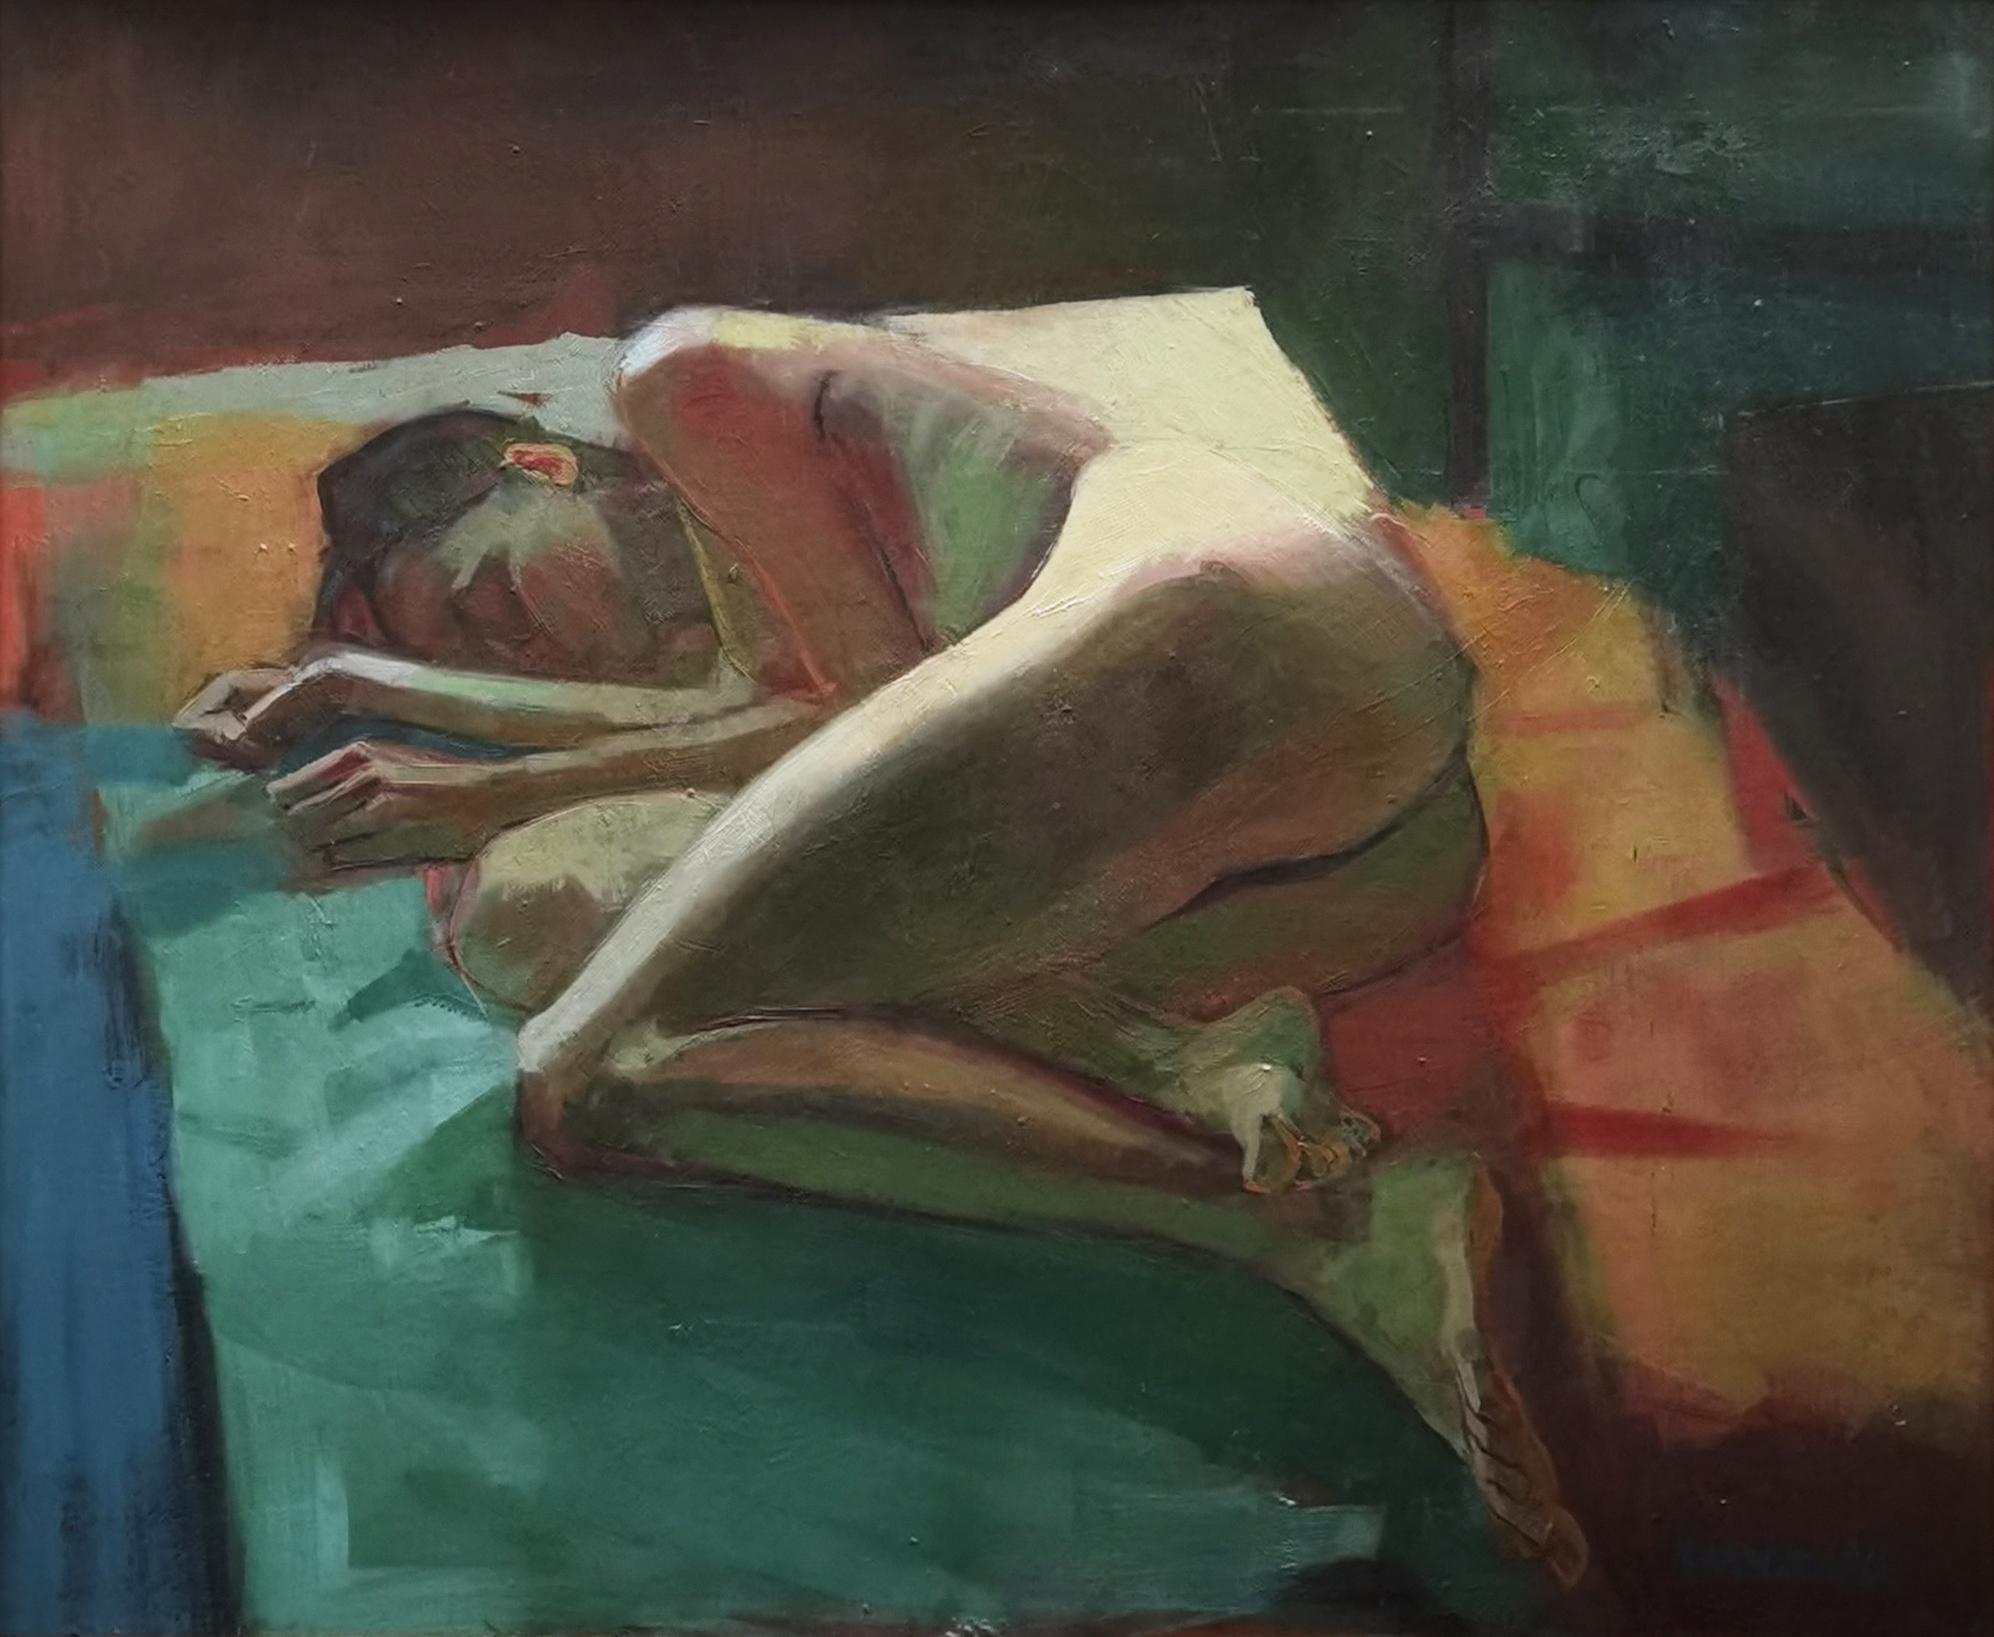 Akt, 2005